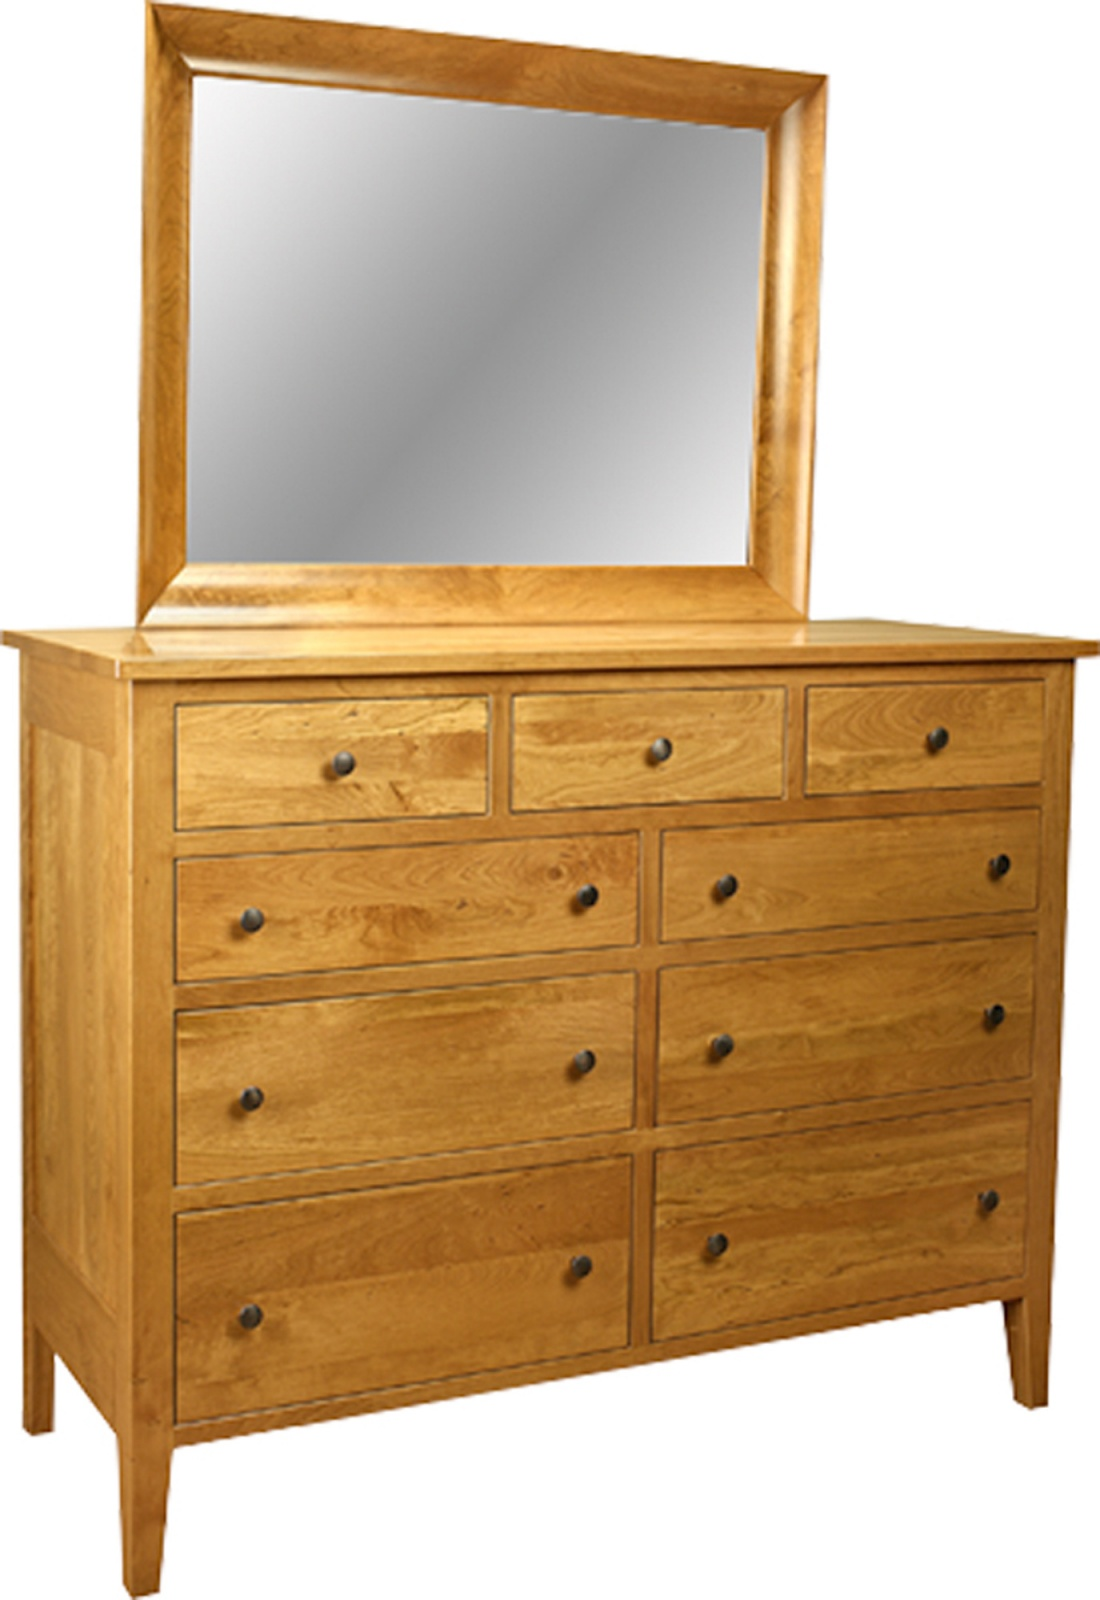 Tall Dresser & Mirror